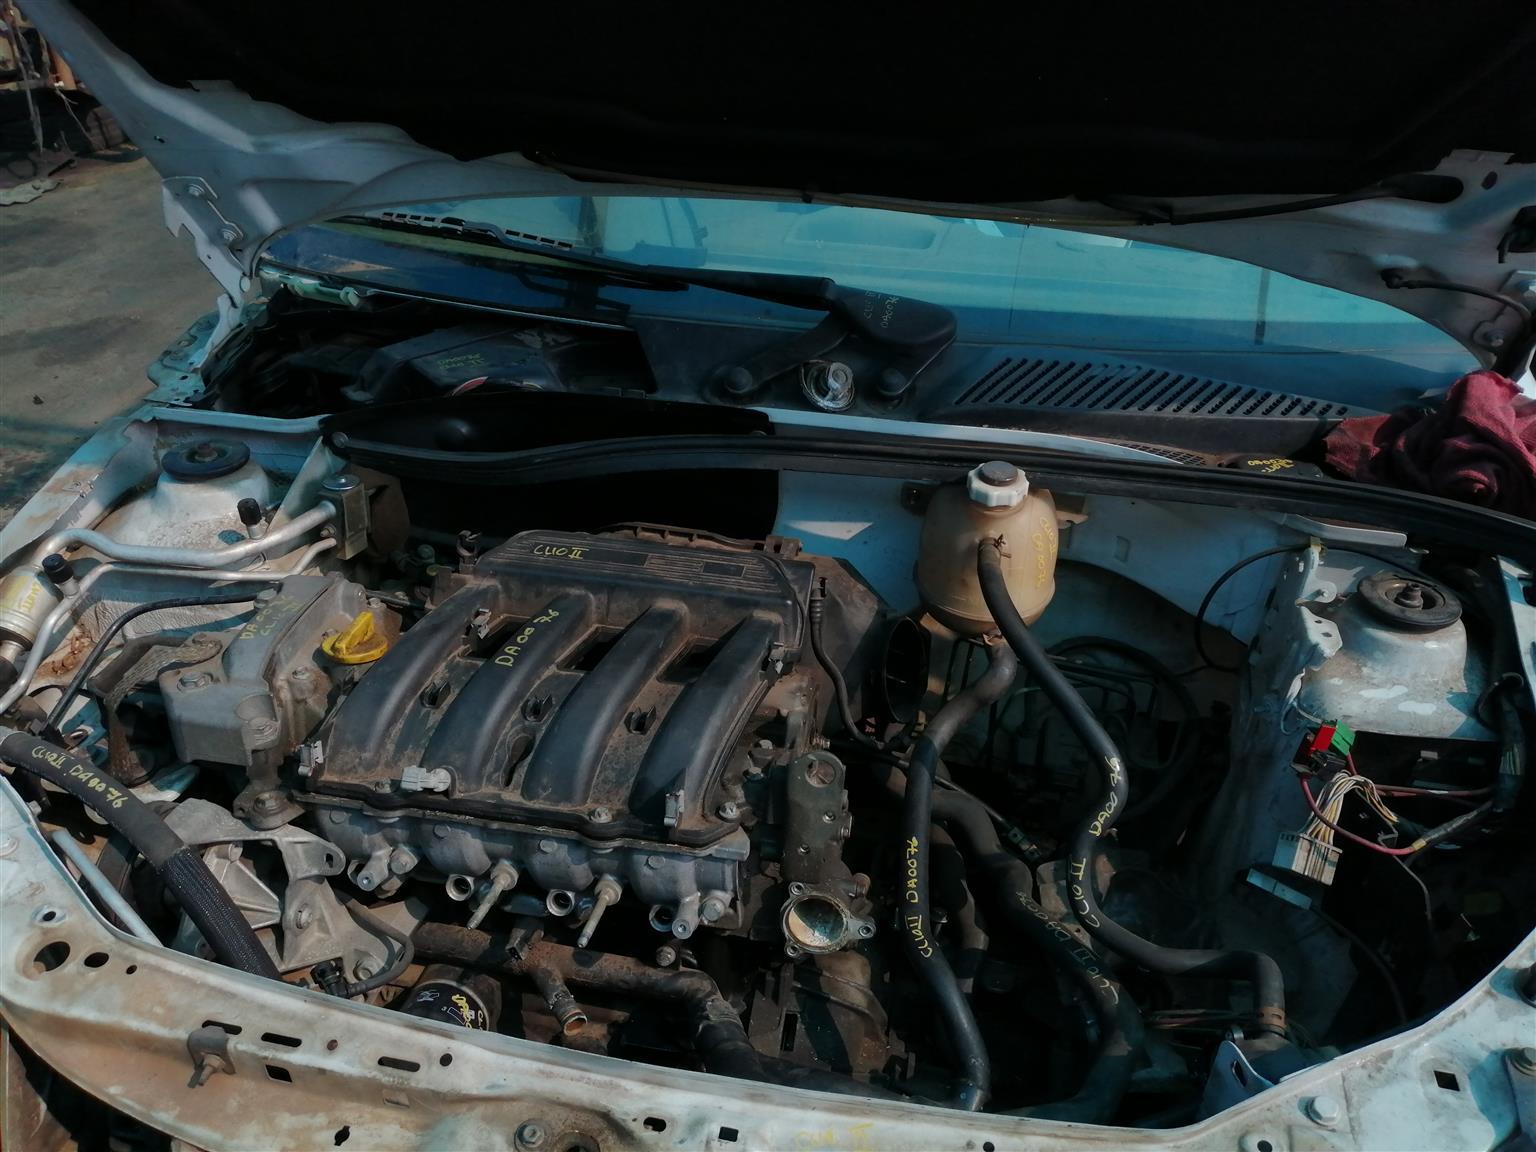 RENAULT CLIO 2 1.4 16V 2002